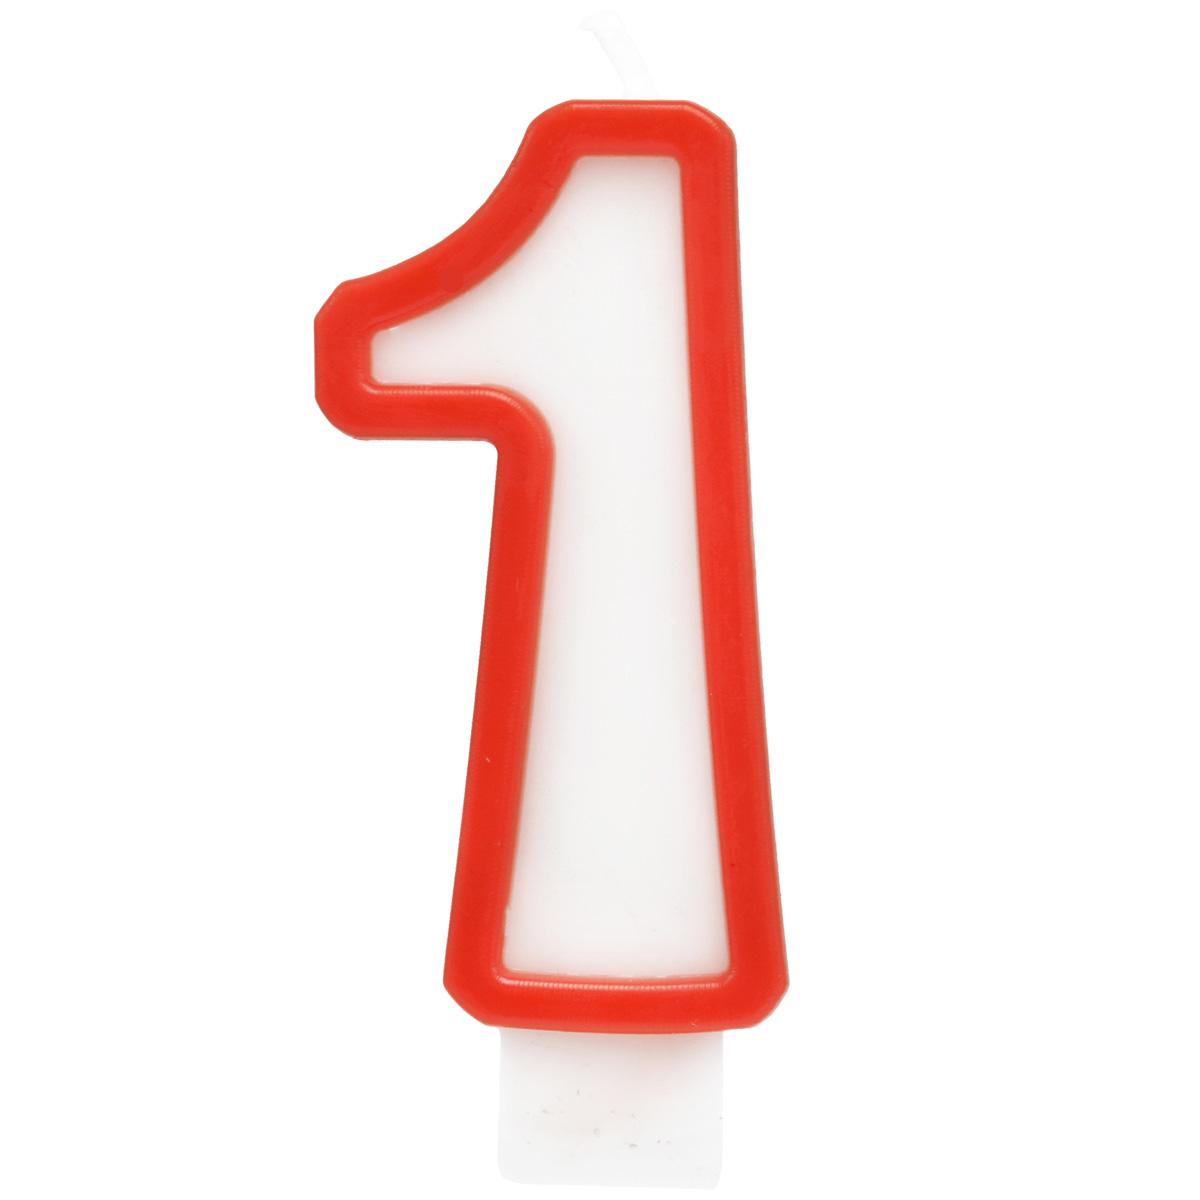 Action! Свеча-цифра для торта 1 год цвет красный susy card свеча цифра для торта 3 года цвет синий